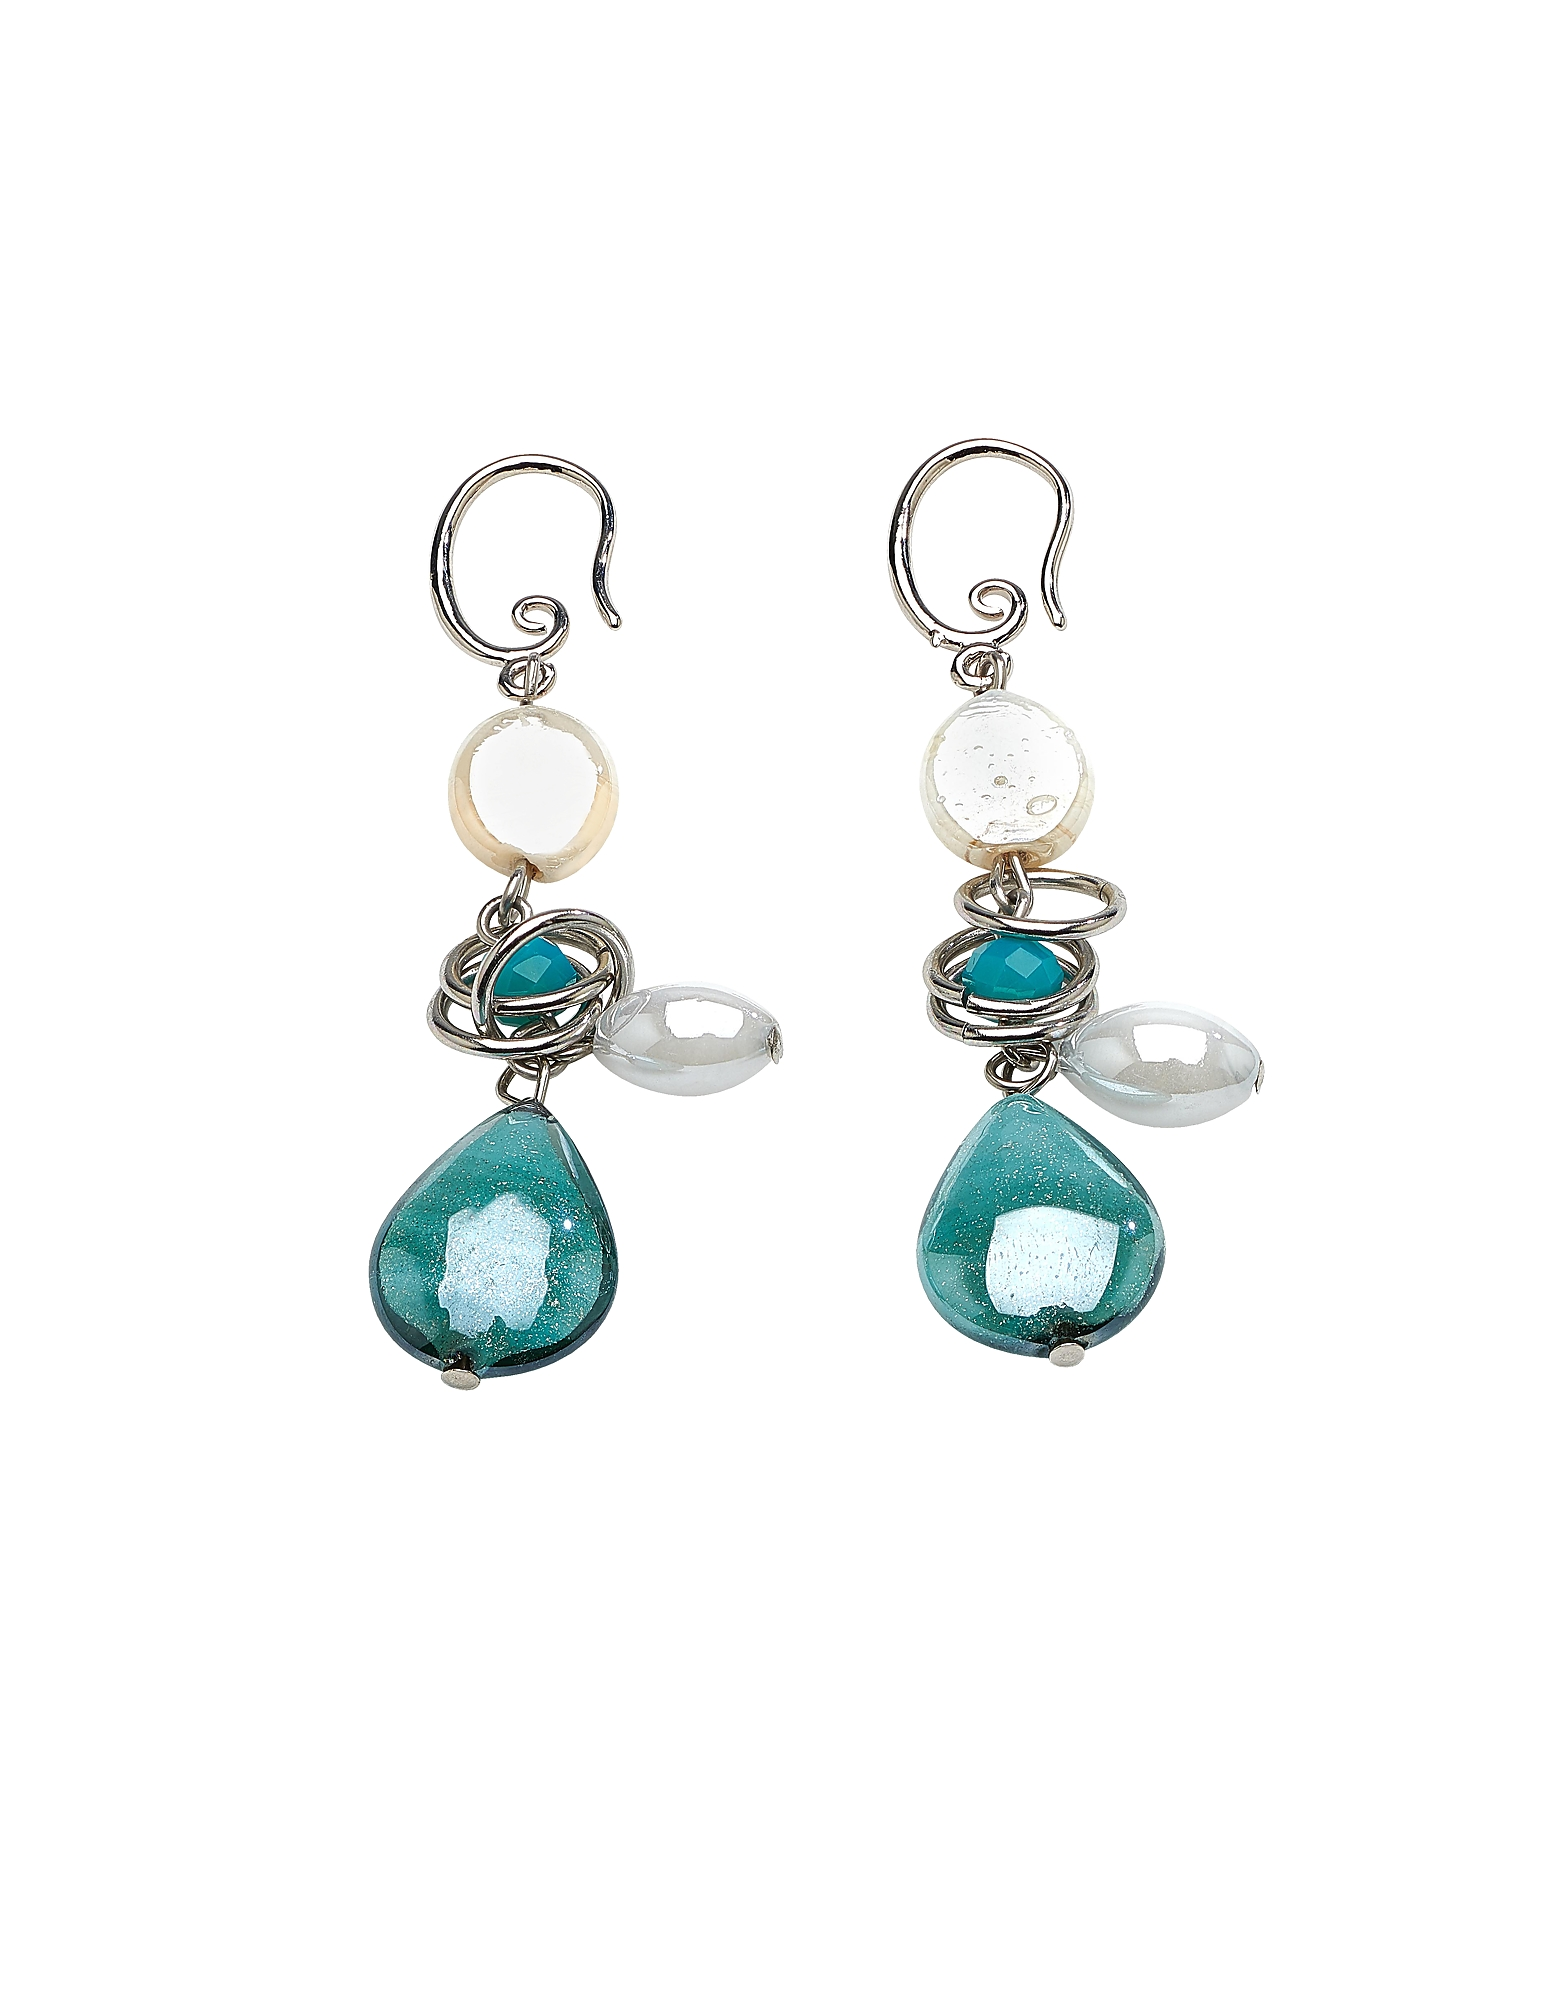 Antica Murrina Earrings, Grimani T Top Earrings